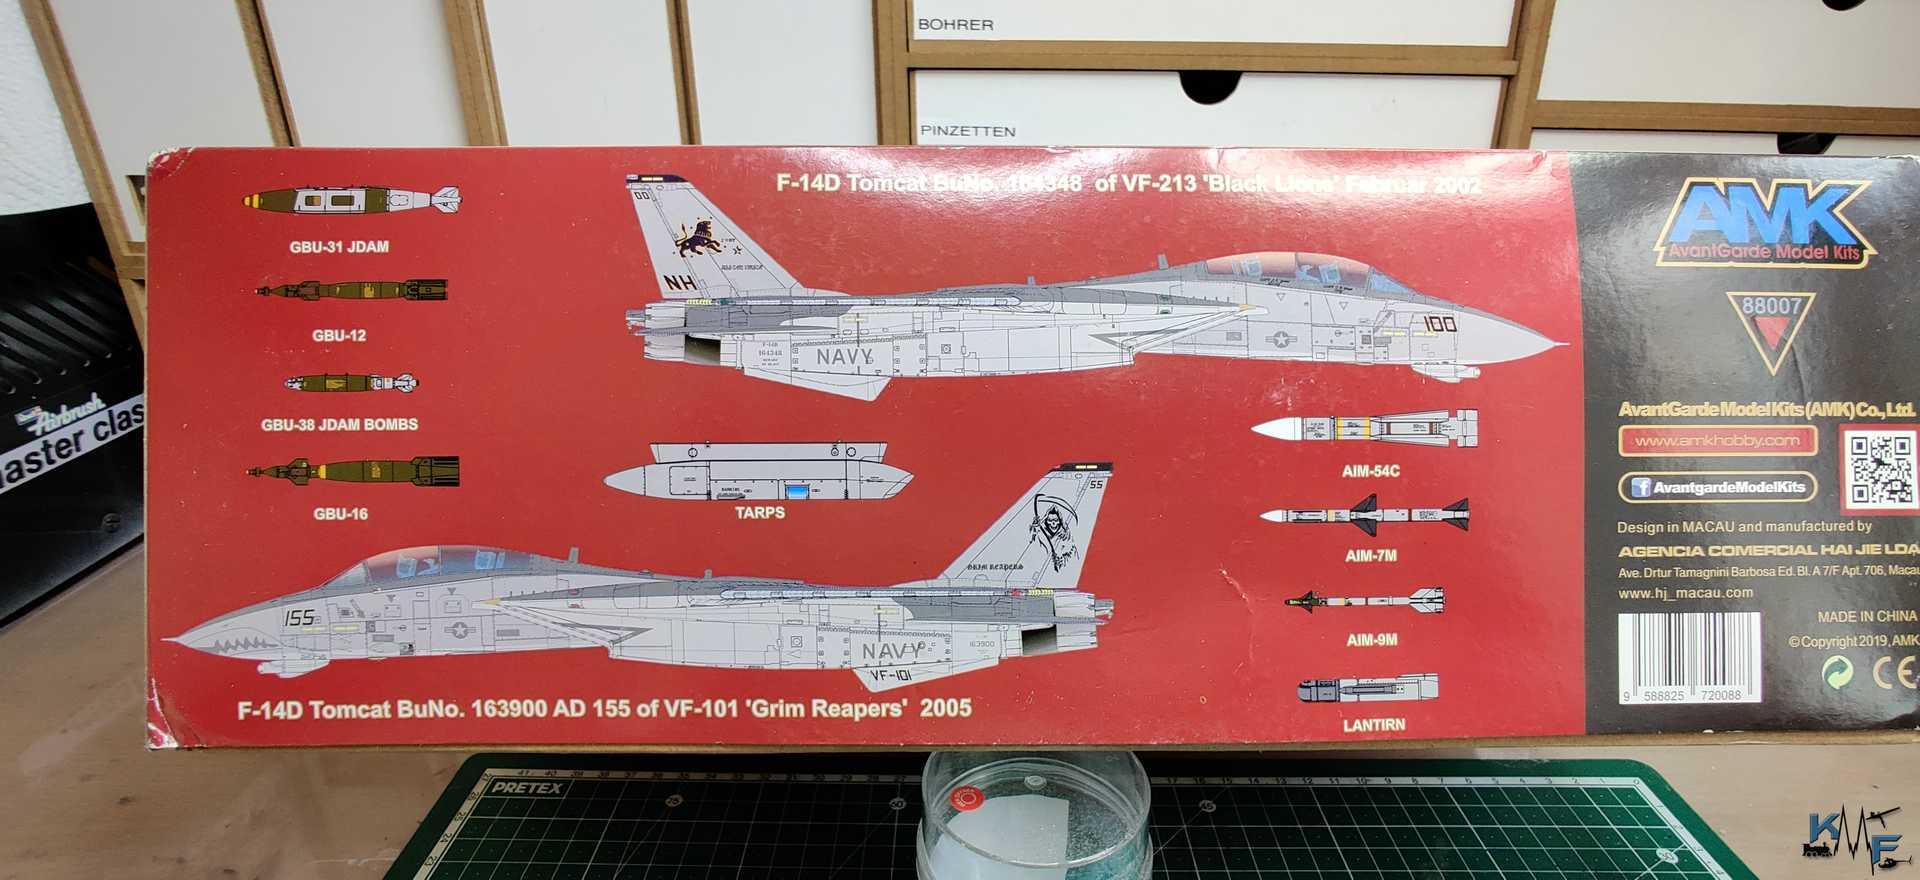 BV-AMK-F-14D_002.jpg